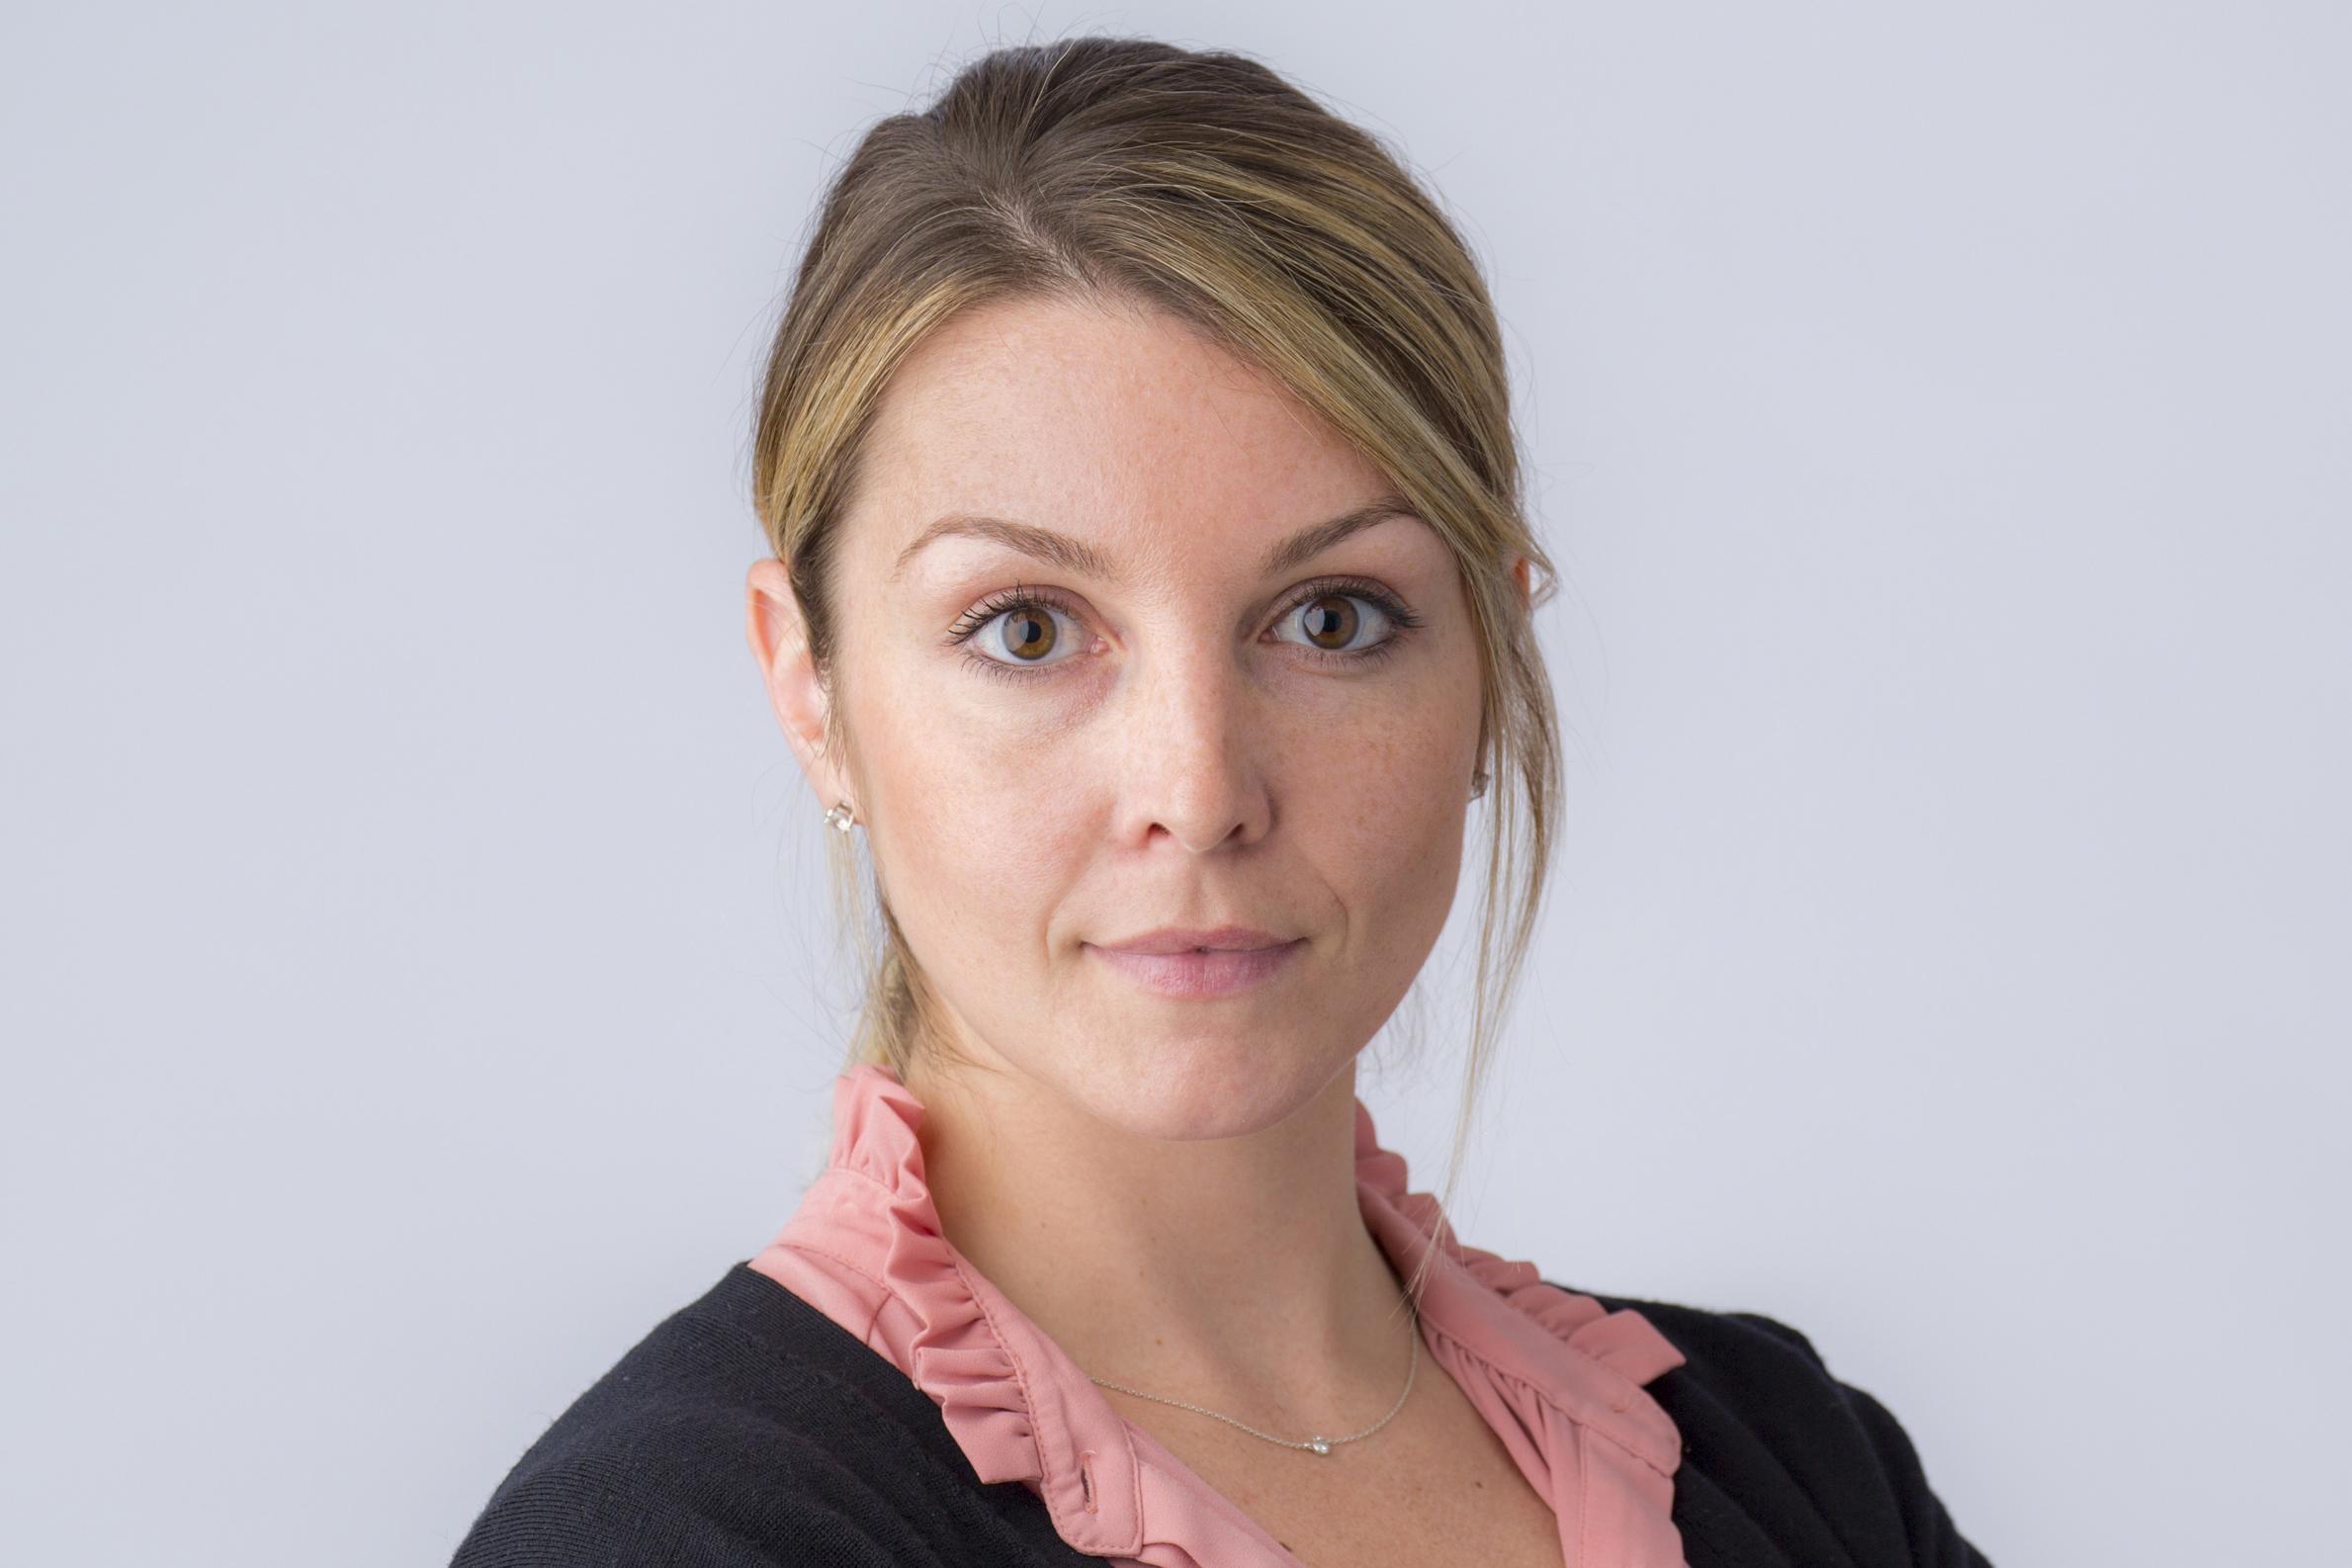 Liz Pitassi